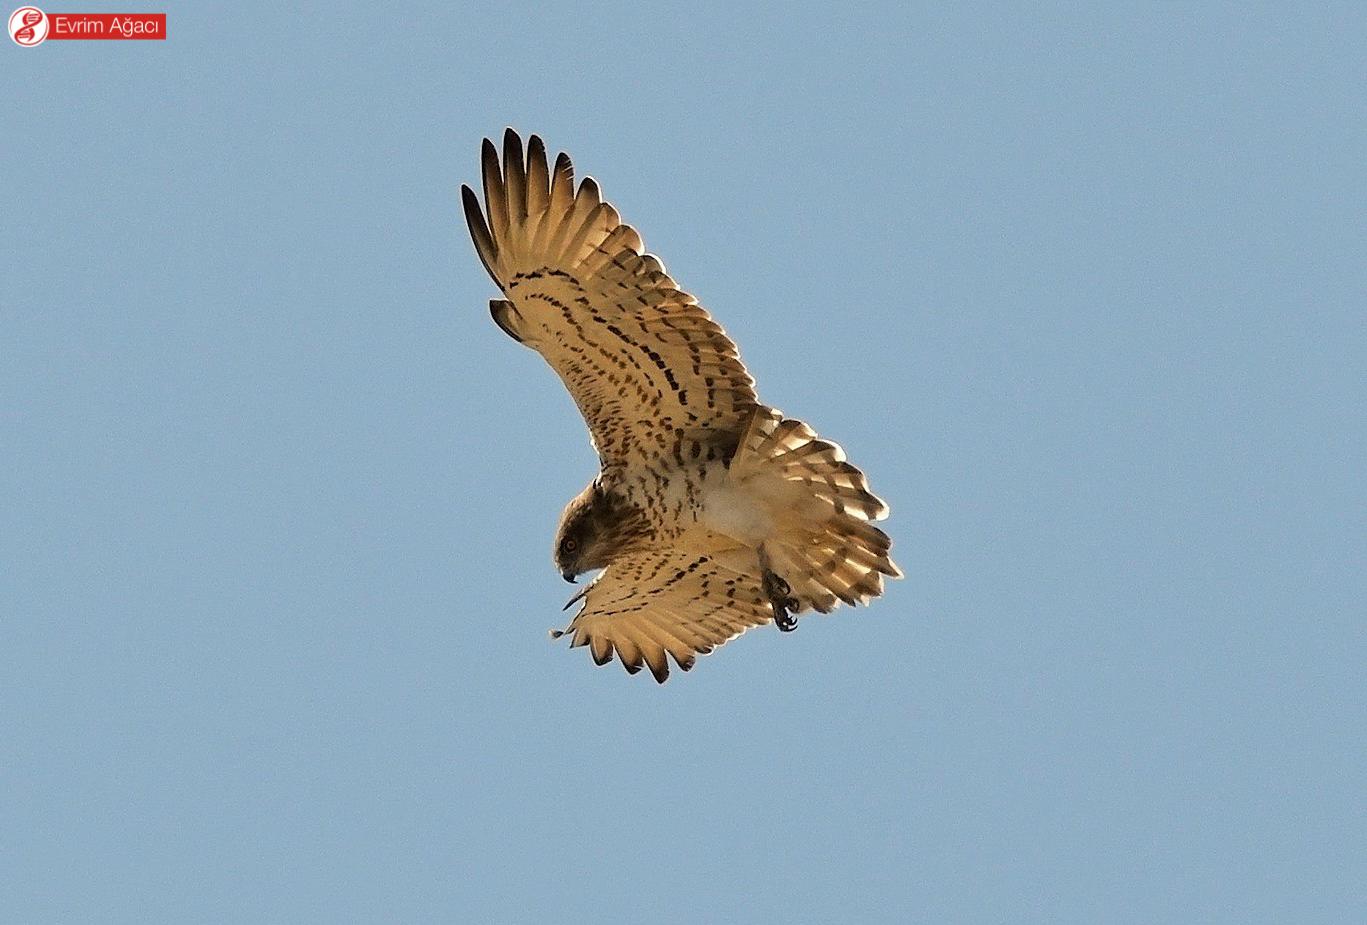 Havada olduğu yerde asılı durabilen ender yırtıcı kuşlardandırlar. Beypazarı'nda denk geldik.